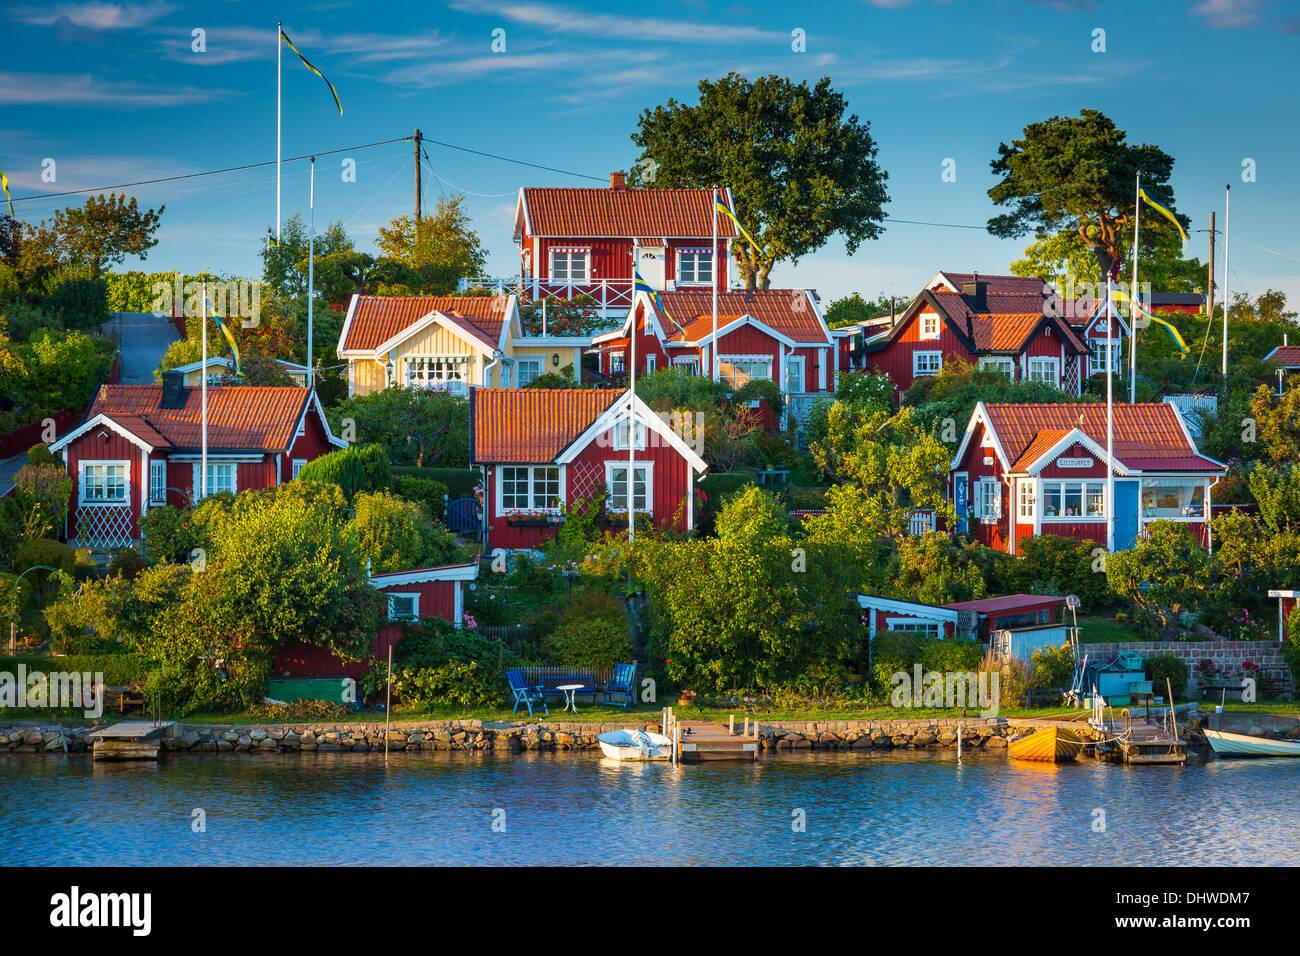 Des petits cottages typiquement suédois en Suède, Karlskona Photo Stock